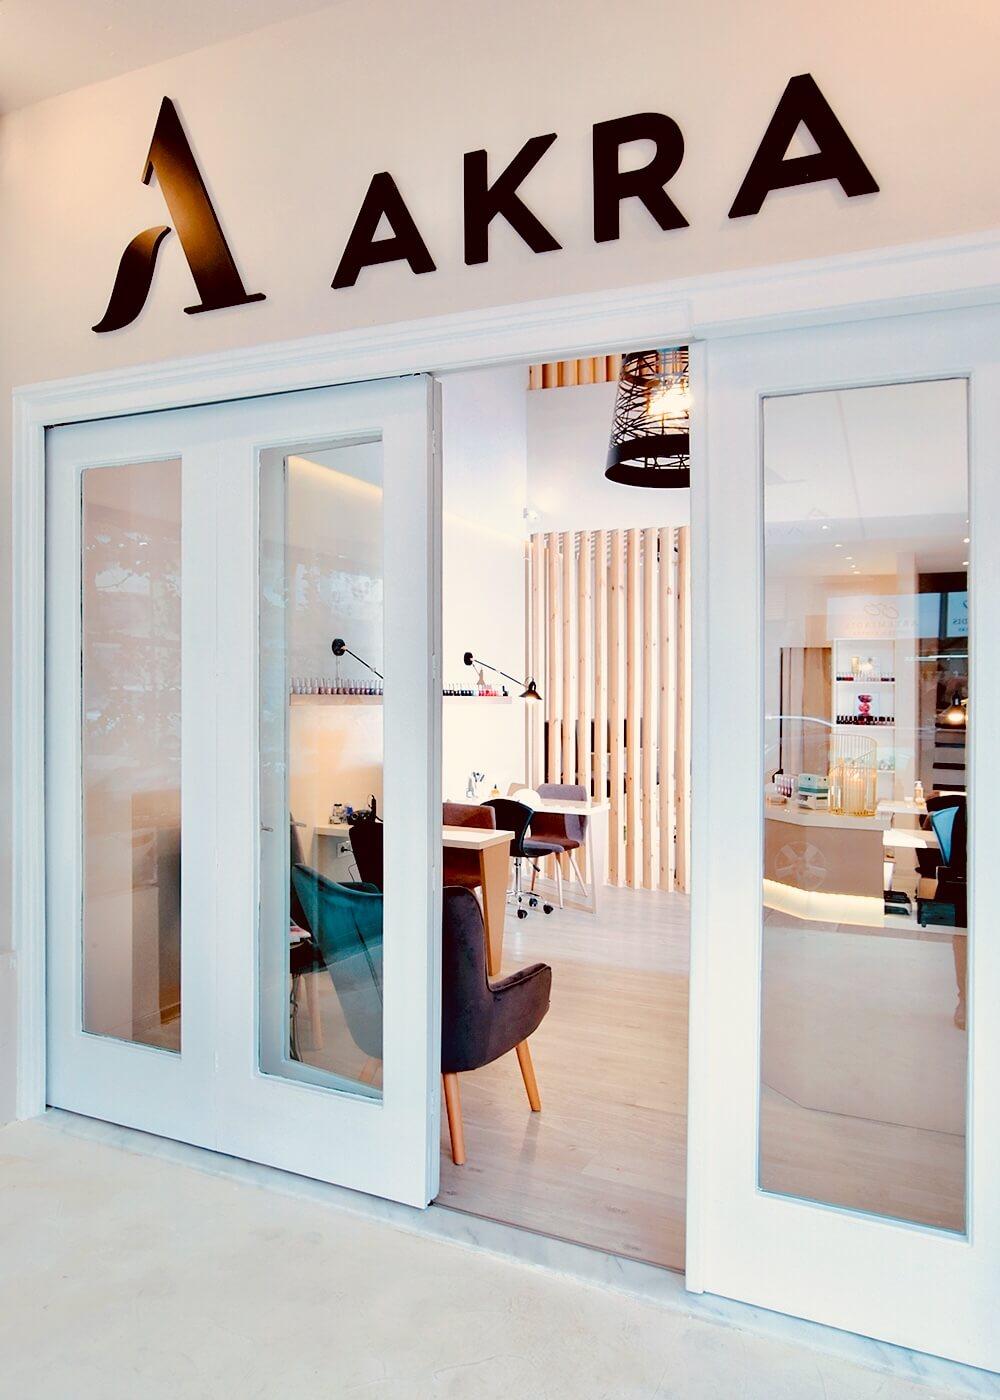 - Σήμερα έκλεισα το ραντεβού μου για manicure & pedicure στο Akra Nail Spa! Ναι είναι Κυριακή αλλά χάρη σε ένα πολύ ευέλικτο τρόπο μπορούμε να επιλέξουμε την ημέρα και την ώρα που επιθυμούμε να κλείσουμε το ραντεβού μας μέσω του Akra Nail Spa Facebook Page πατώντας το κουμπί Book Now, όπως και να σημειώσουμε τις υπηρεσίες για τις οποίες ενδιαφερόμαστε και οποιοδήποτε επιπλέον σχόλιο. Άμεσα, θα λάβουμε επιβεβαίωση του ραντεβού μας. Ακολουθήστε το σχετικό link και κλείστε το δικό σας ραντεβού εύκολα και γρήγορα όπου και να βρίσκεστε.